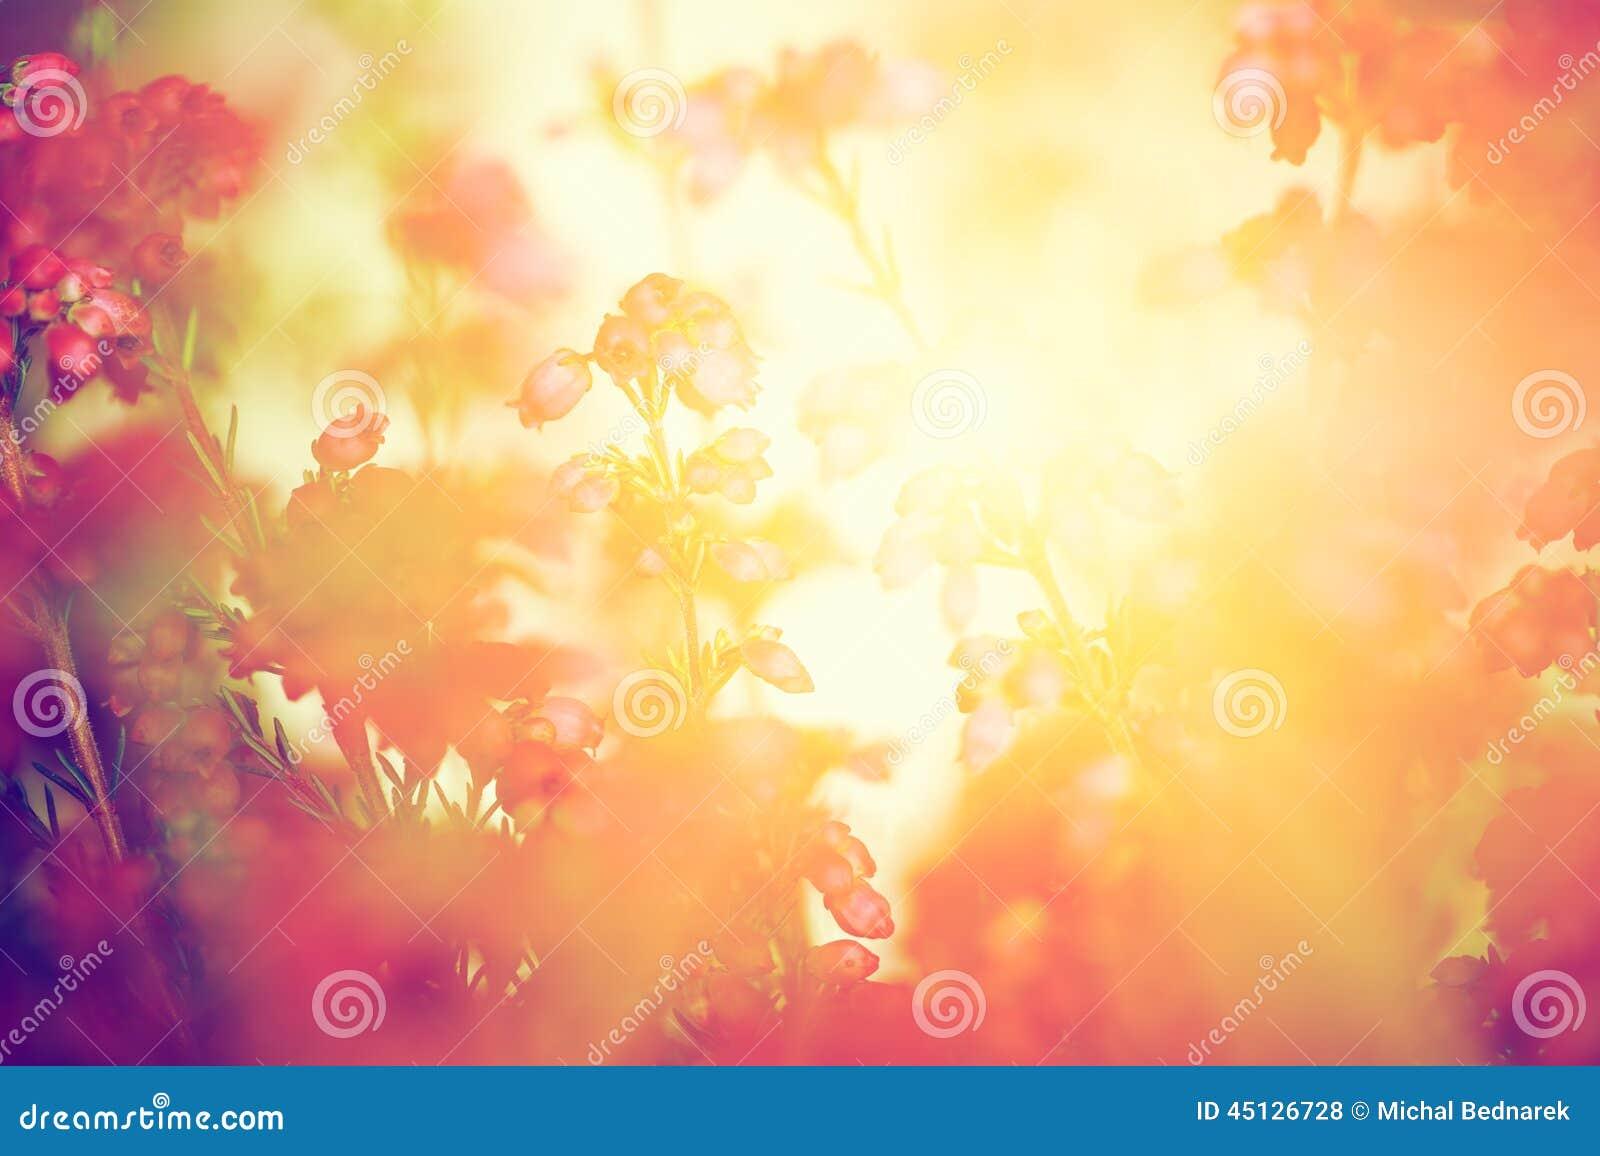 Heide blüht auf einem Fall, Herbstwiese in glänzender Sonne